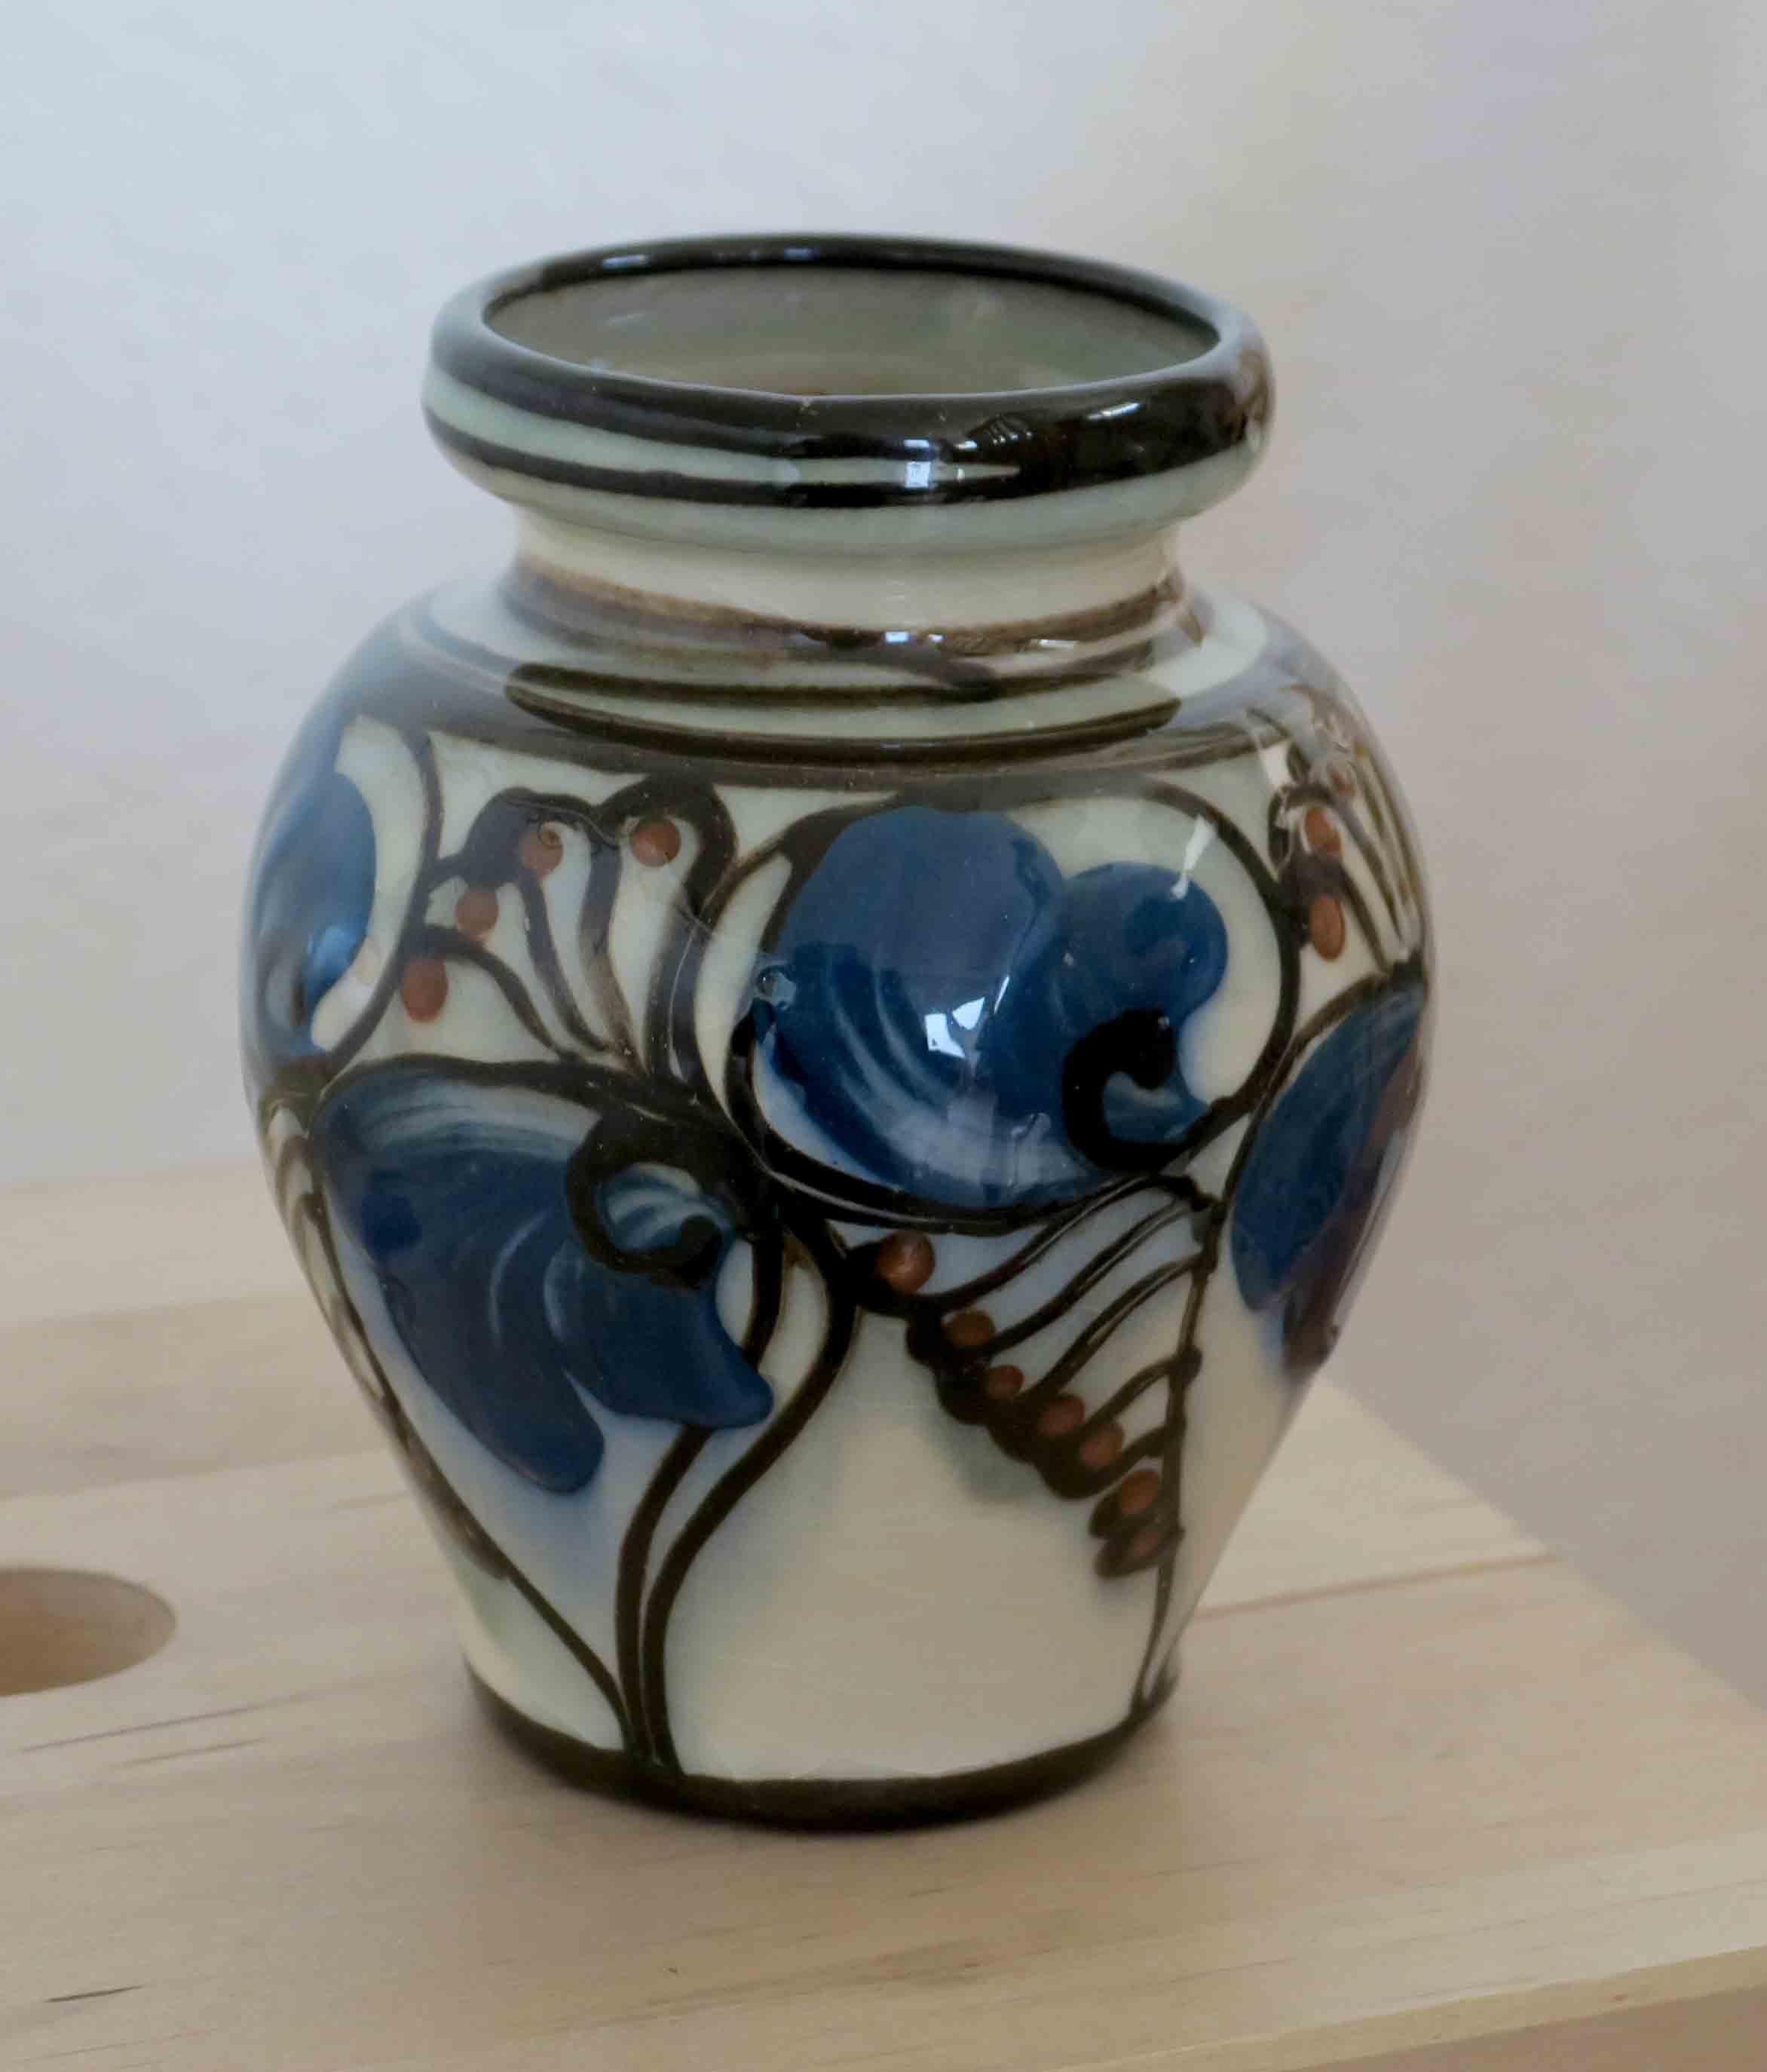 danico keramik Mere Dissing keramik | Hold pulsen oppe! danico keramik